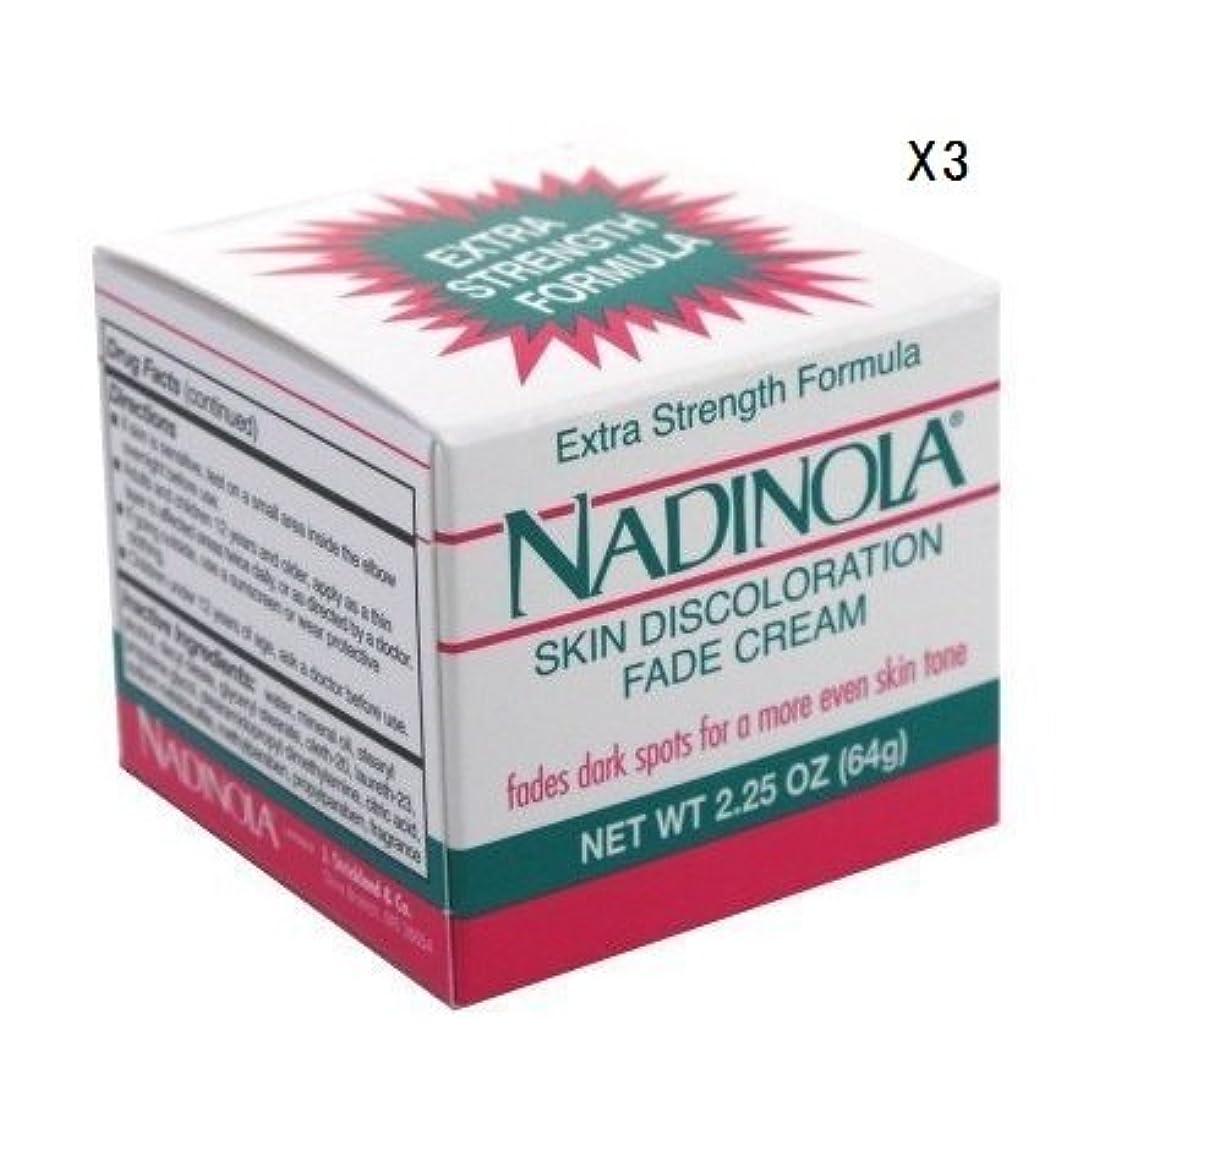 限定トランペットあなたが良くなります(海外直送品)強力美白クリーム (64g)ナディノラ Nadolina Skin Bleach - Extra Strength 2.25 Oz. (Pack of 3) by Nadinola